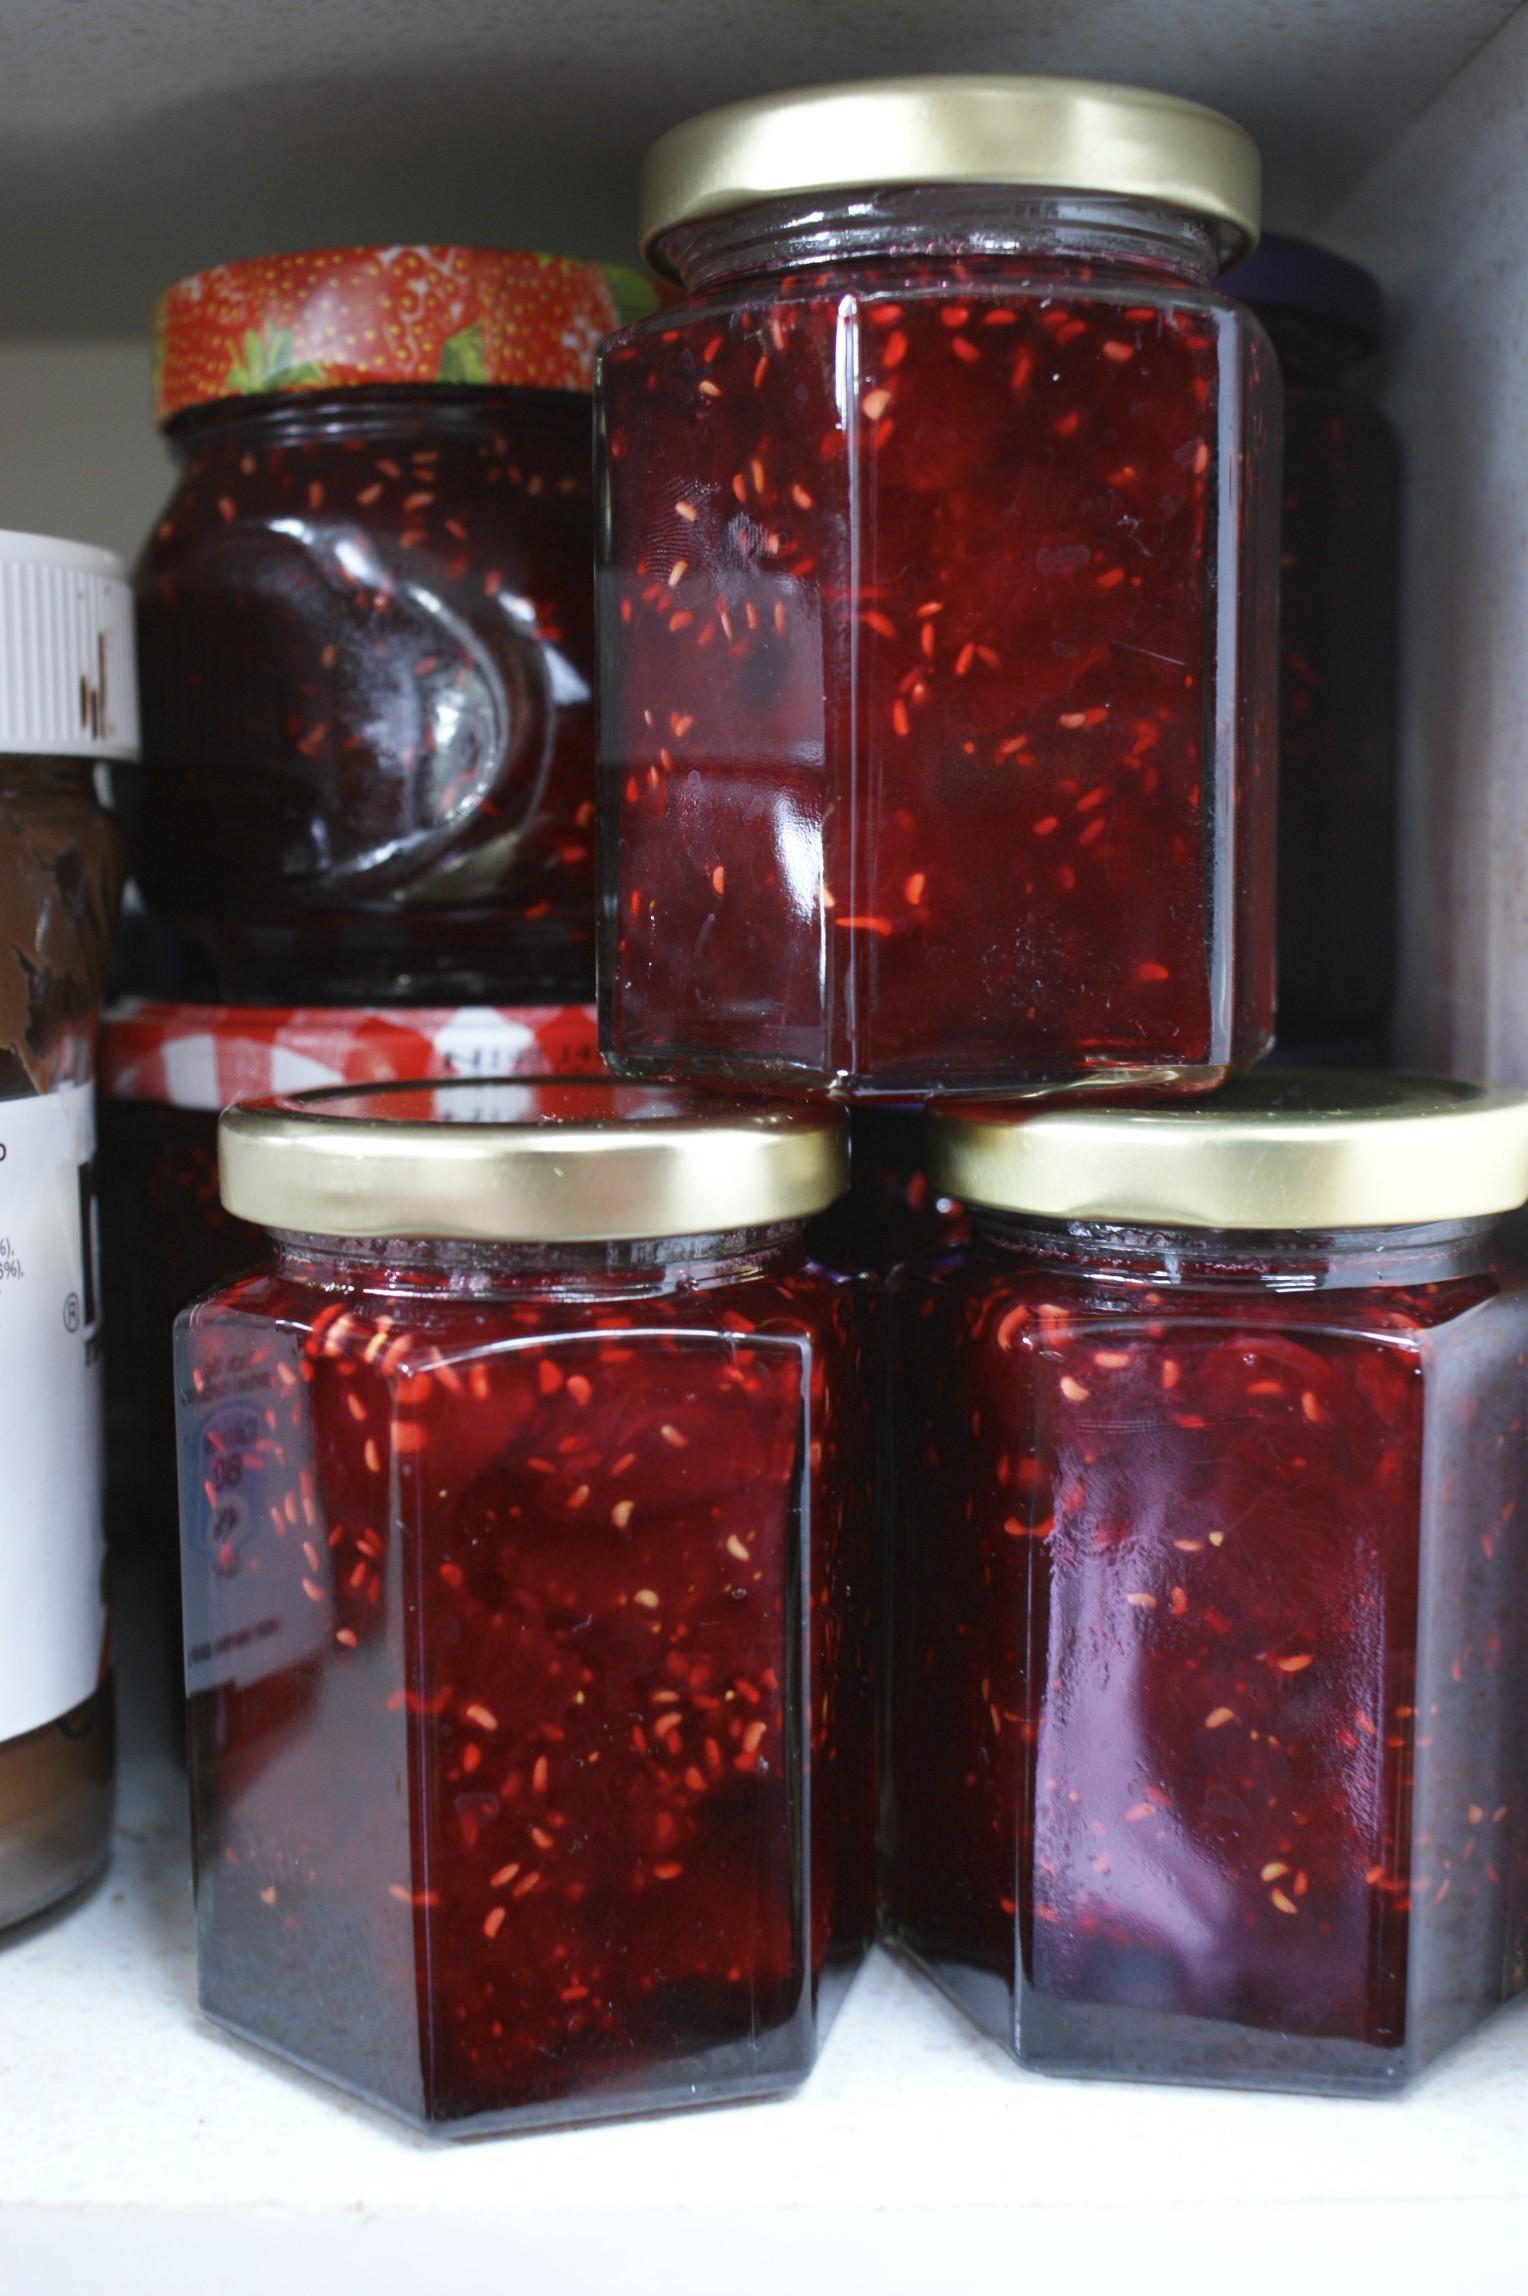 Cherries and berries jam